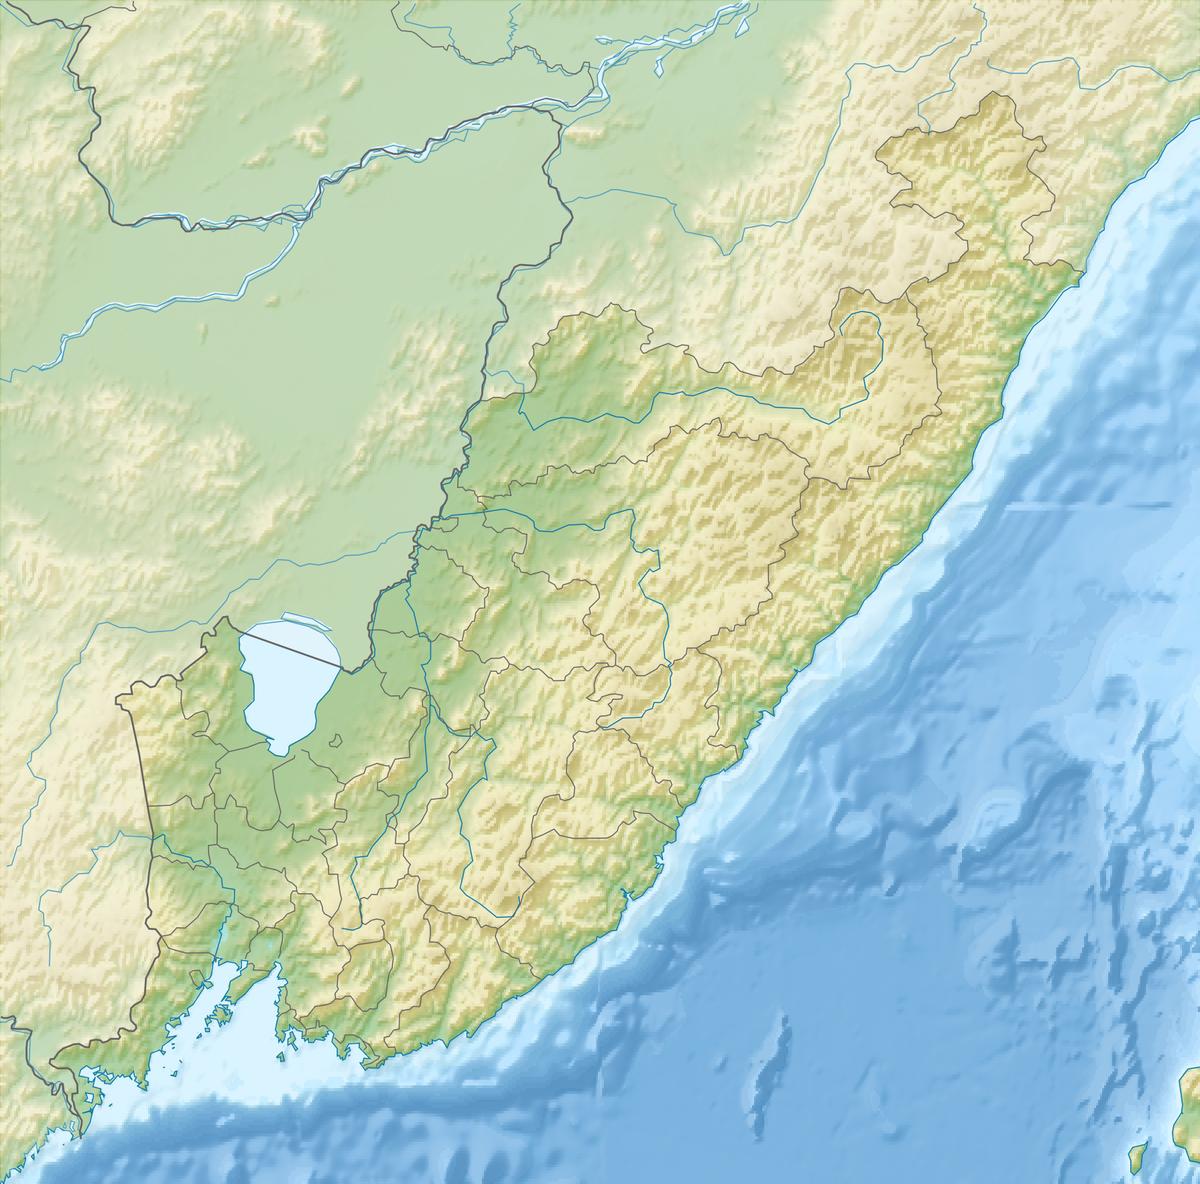 Пограничный конфликт на острове Даманском — Википедия